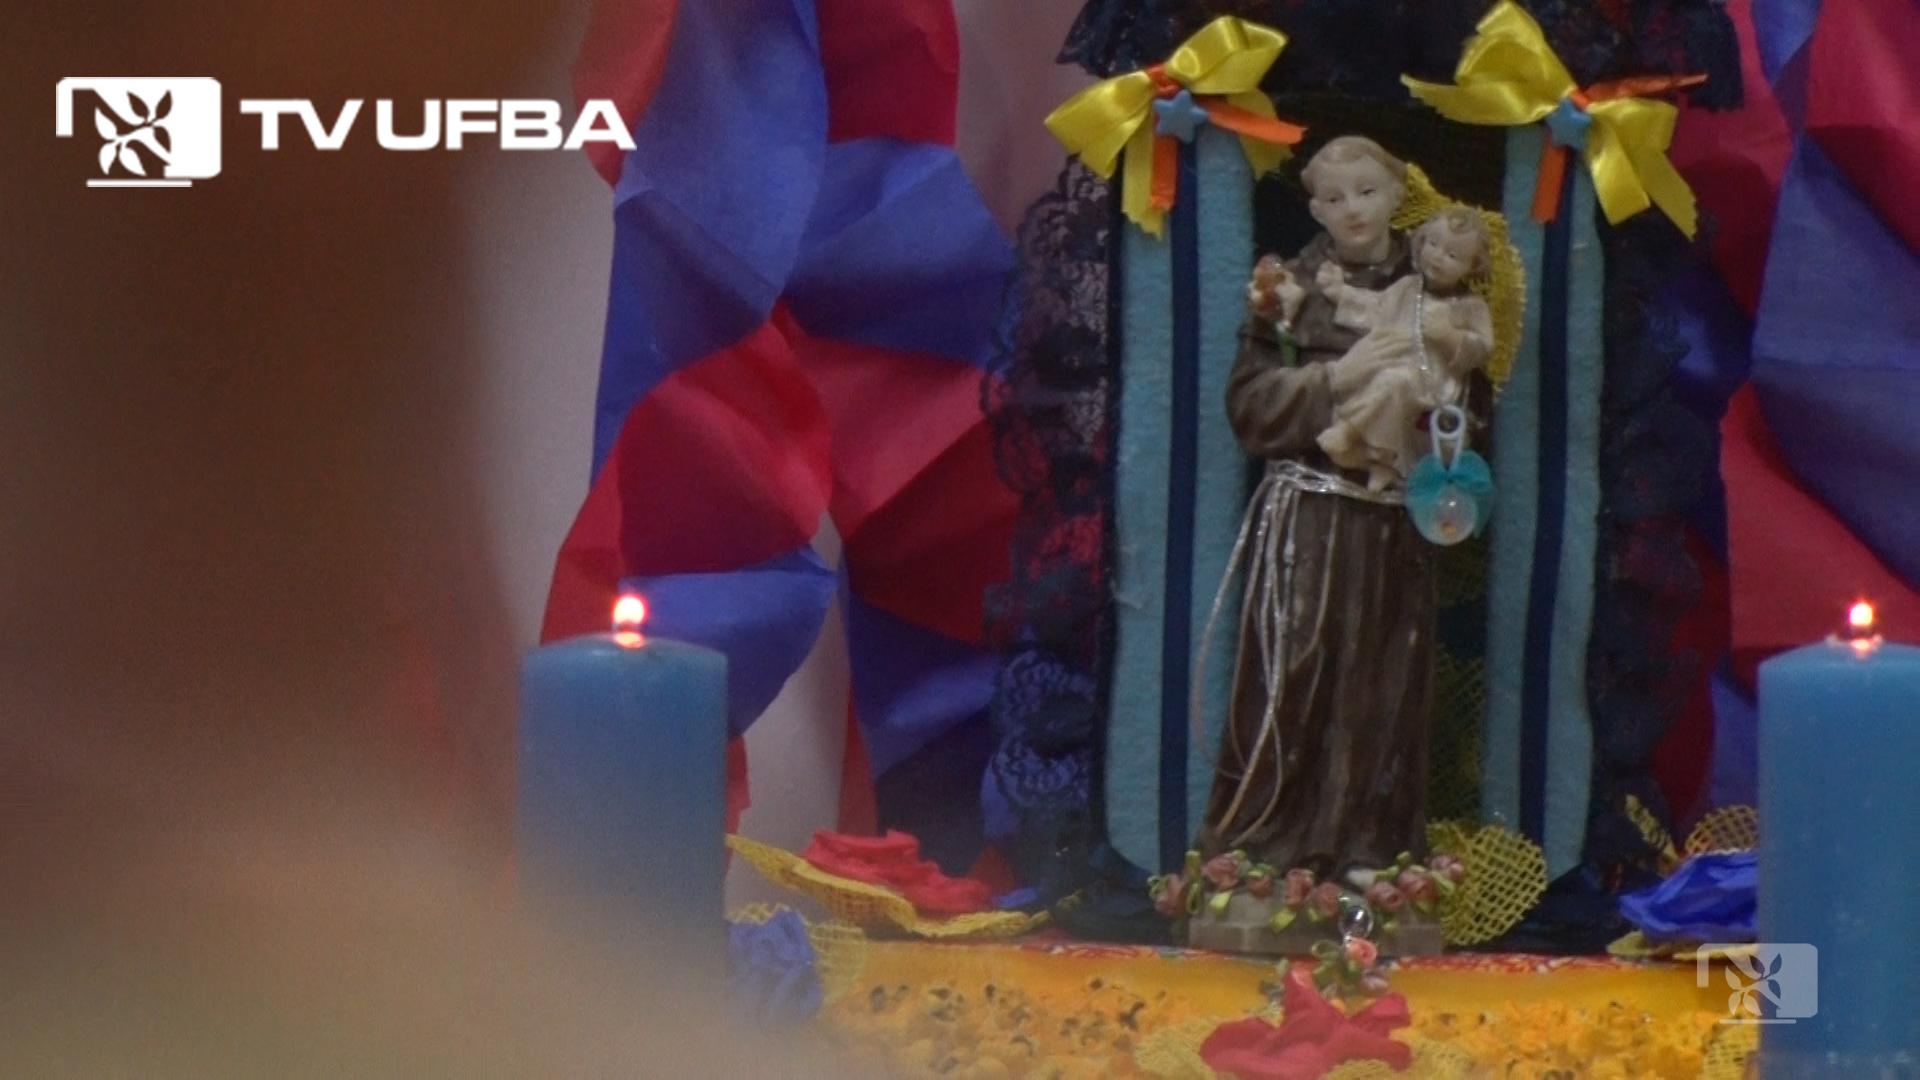 Tv UFBA - SANTO ANTONIO